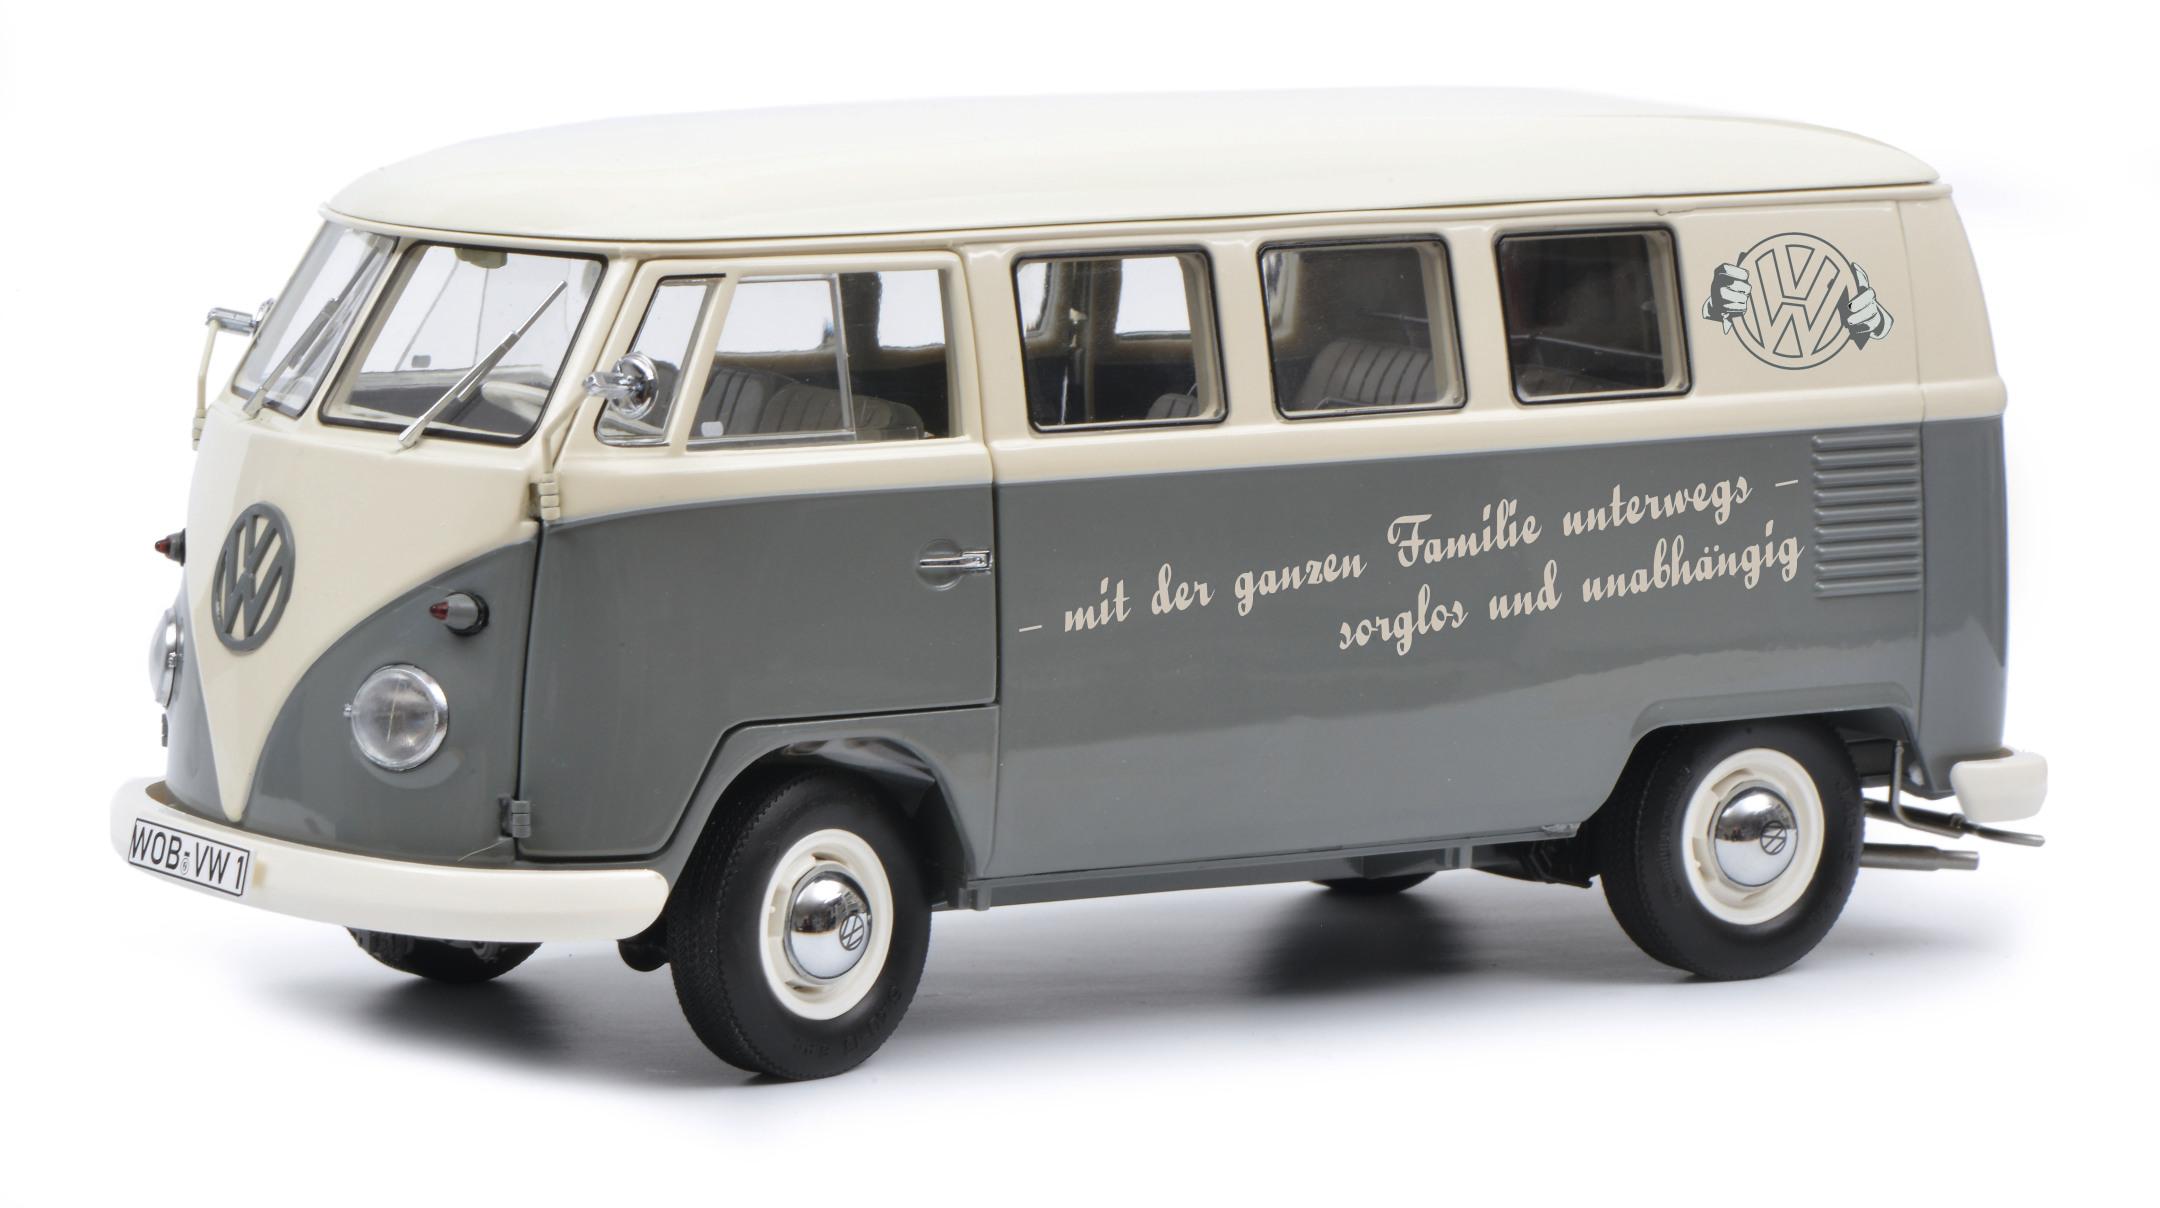 VW T1b mit Slogan